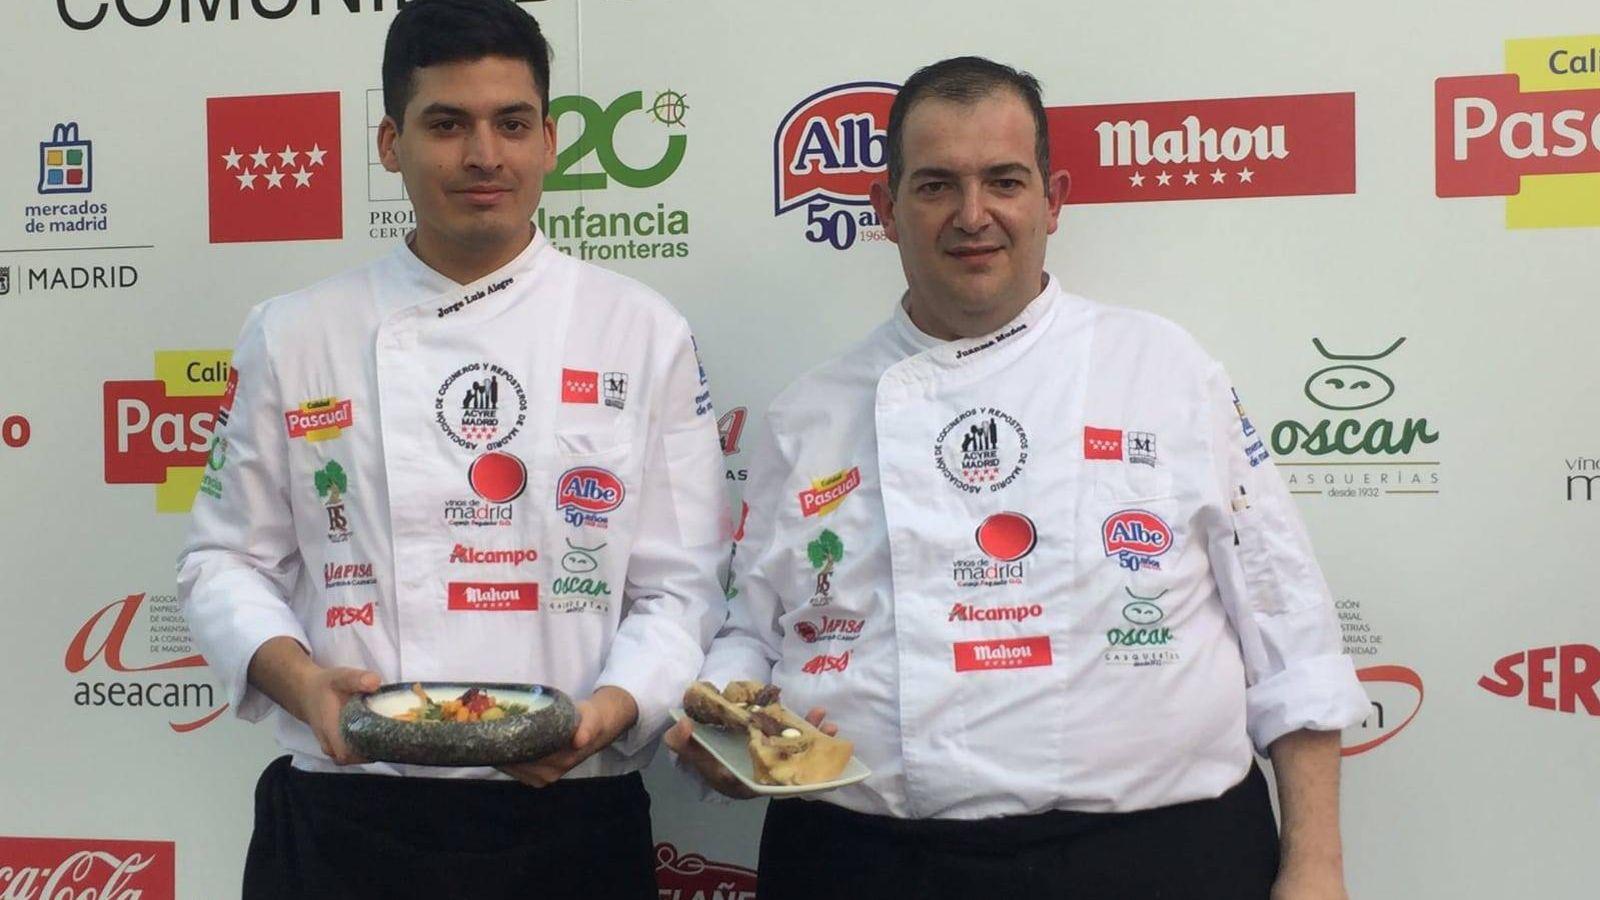 Foto: Los mejores cocineros: Juan Manuel Muñoz (a la derecha), con su compañero Jorge Luis Alegre.